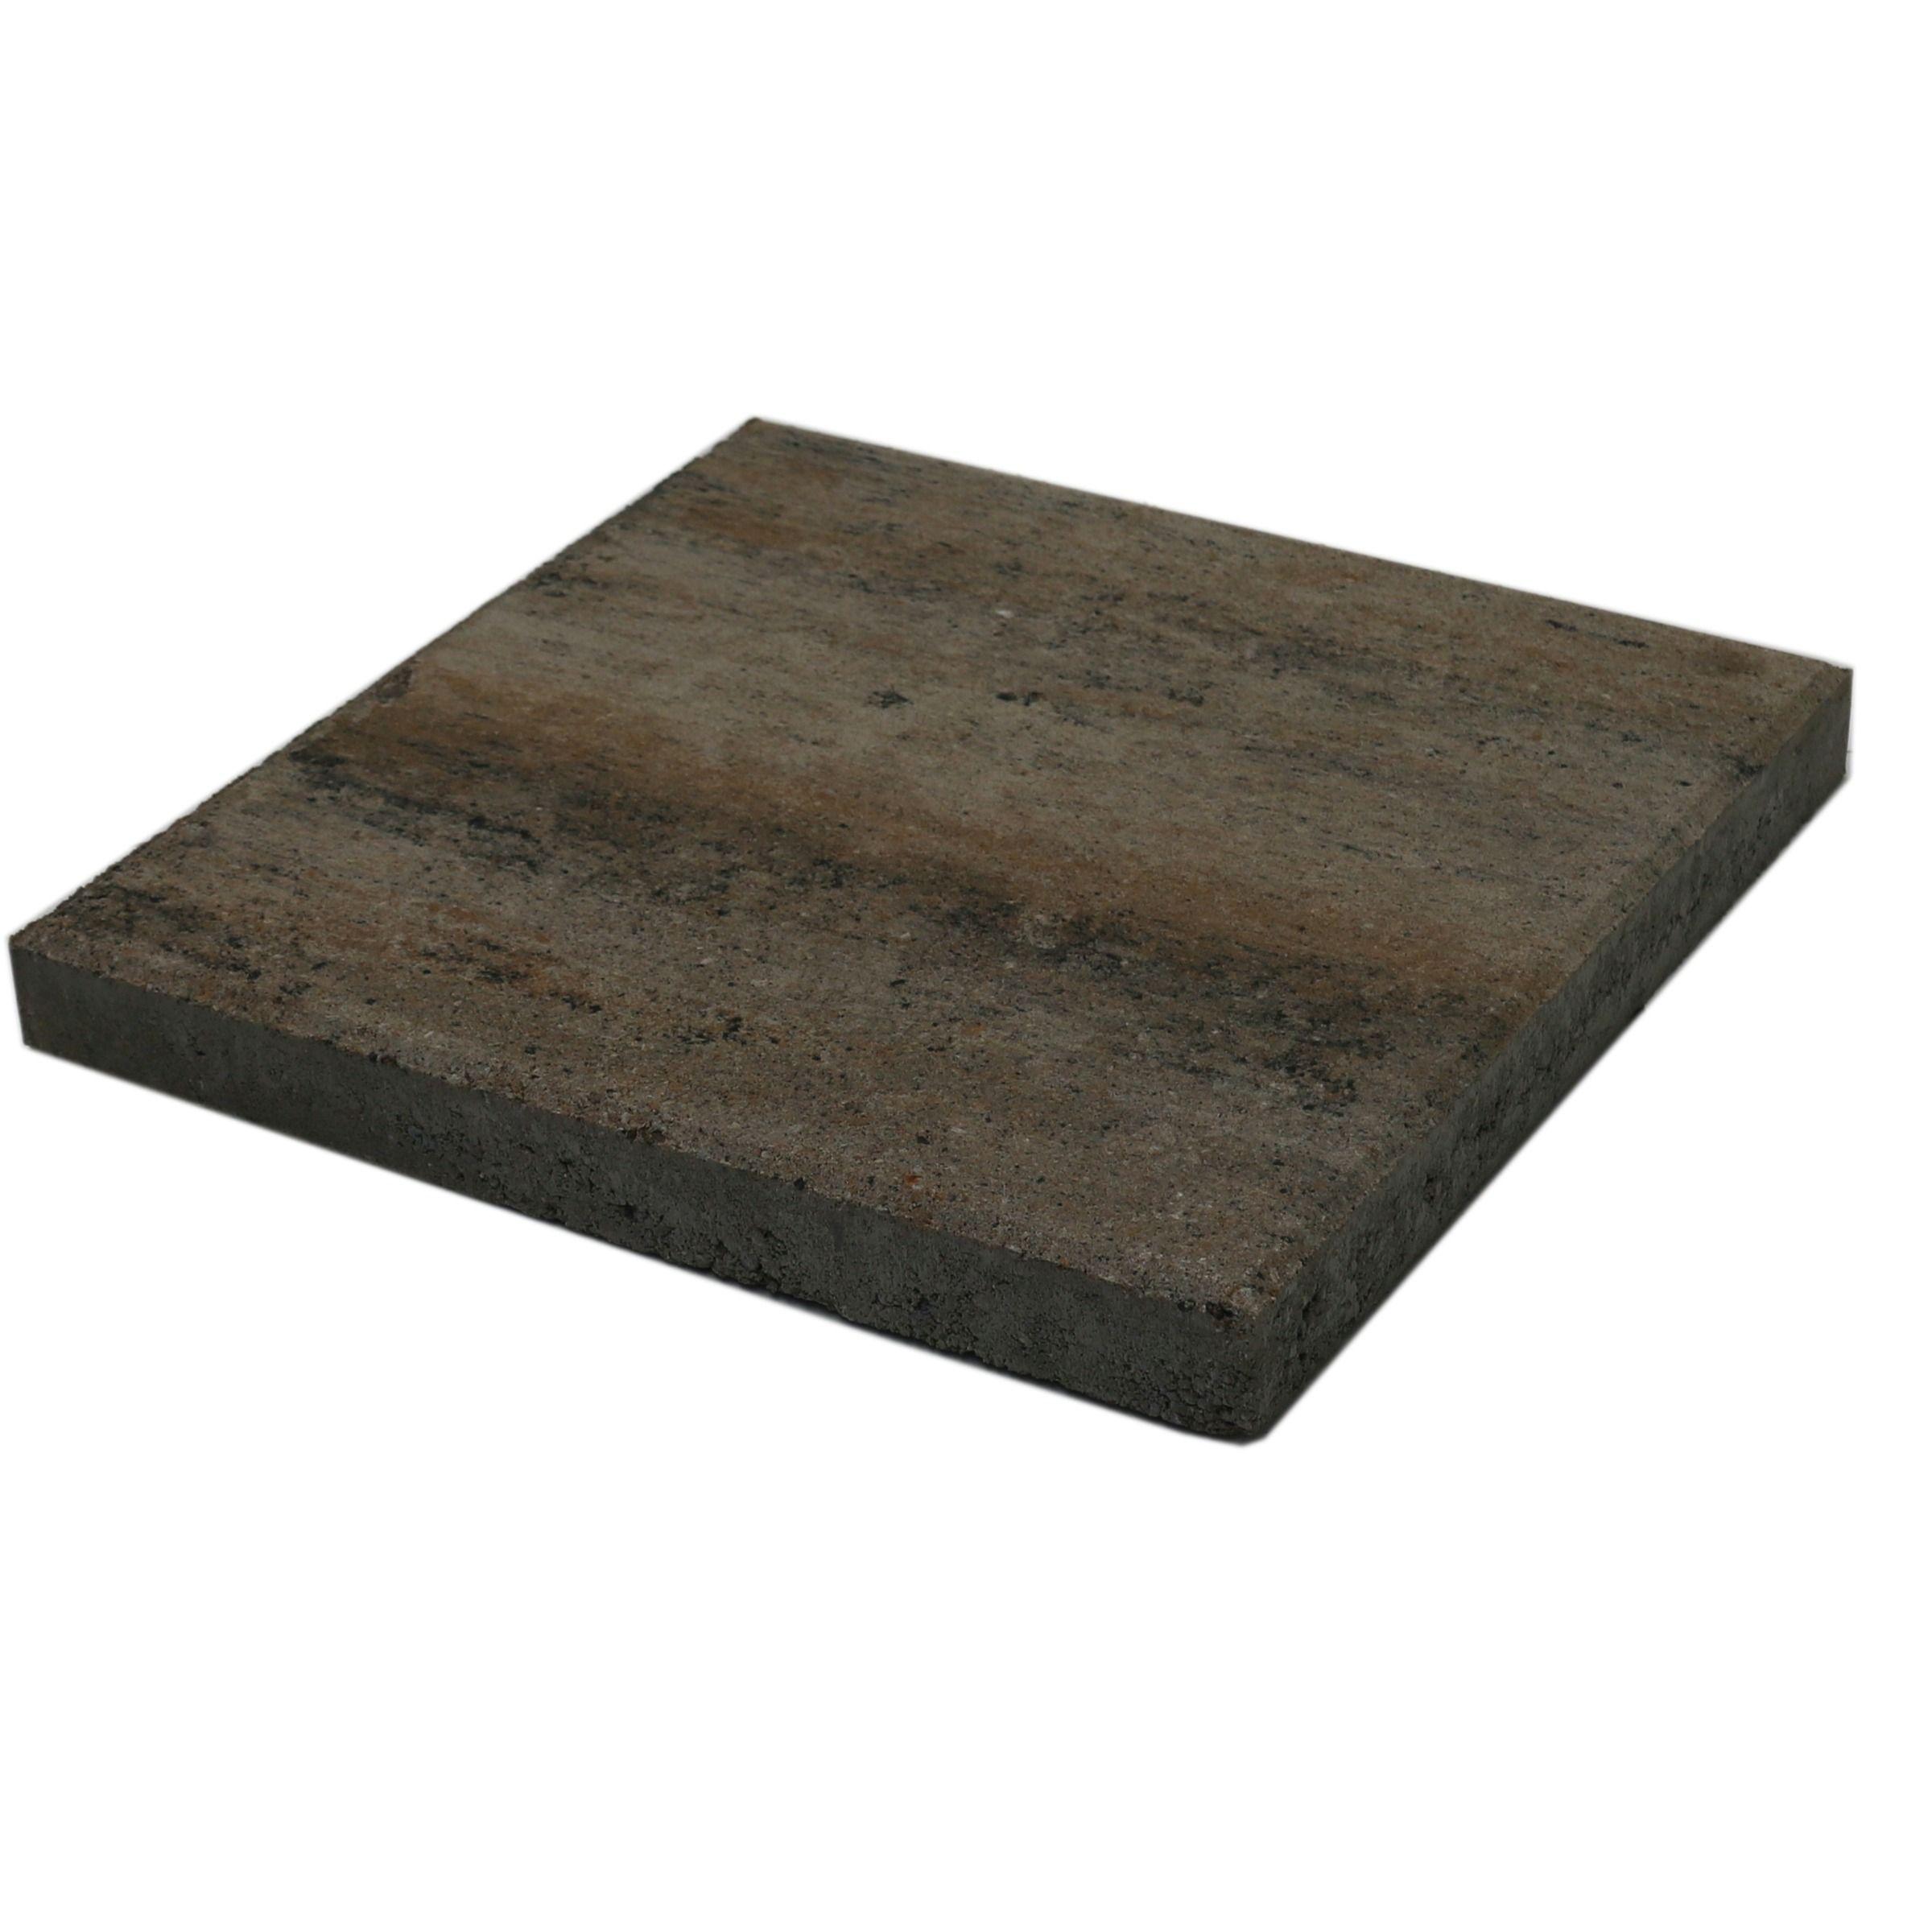 Terrastegels 40x40 Grijs.Terrastegel Beton Quadro Schelp Grijs Bruin 40x40 Cm 108